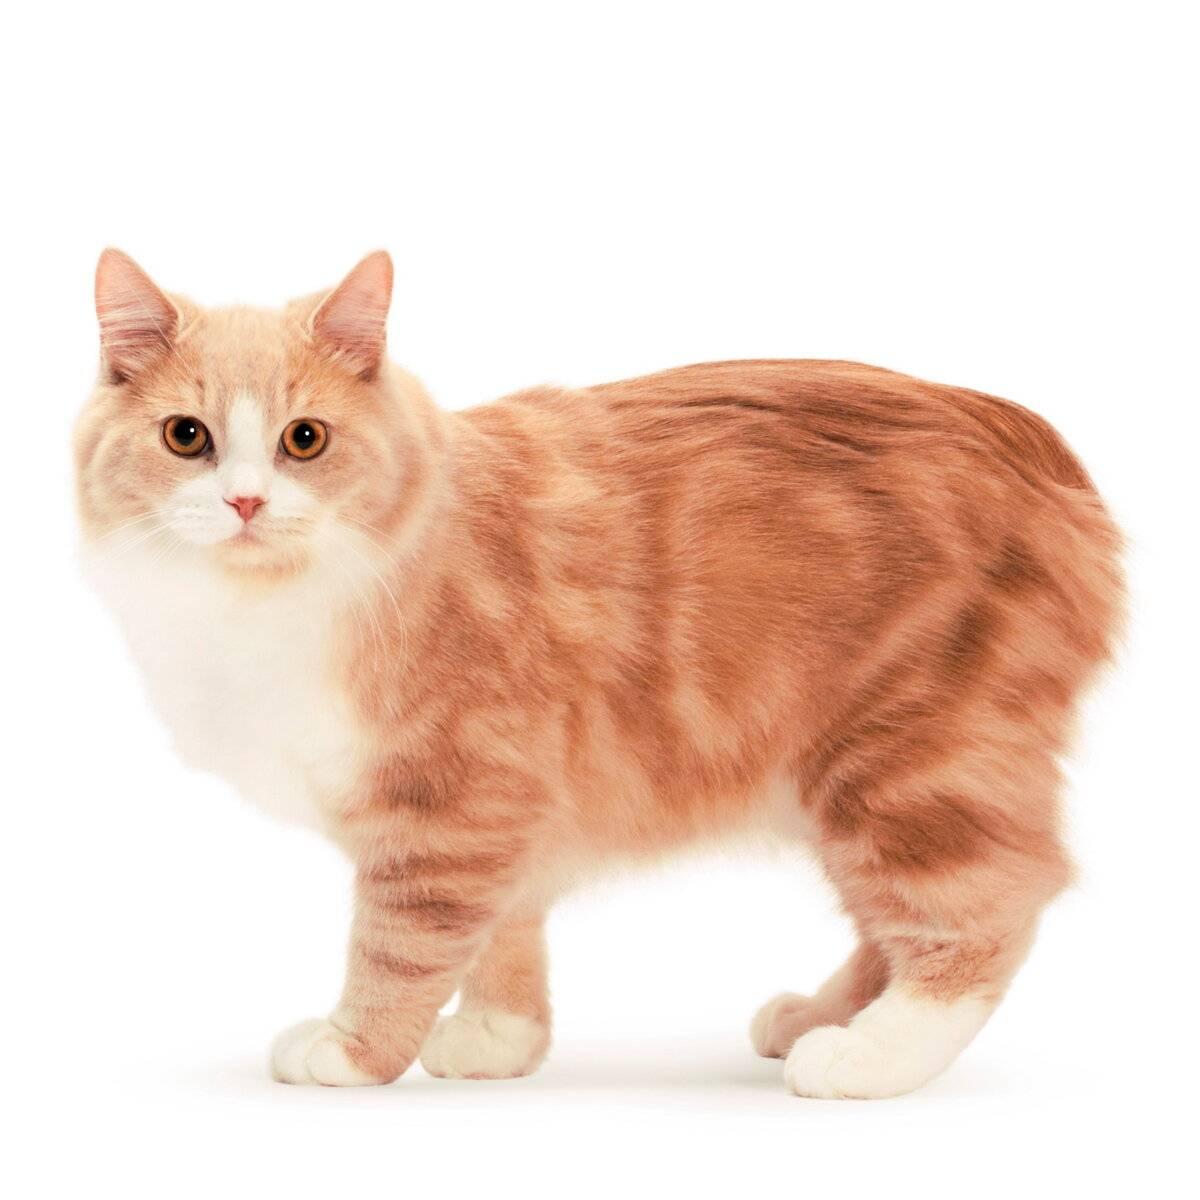 Кошка кимрик: описание породы и особенности характера